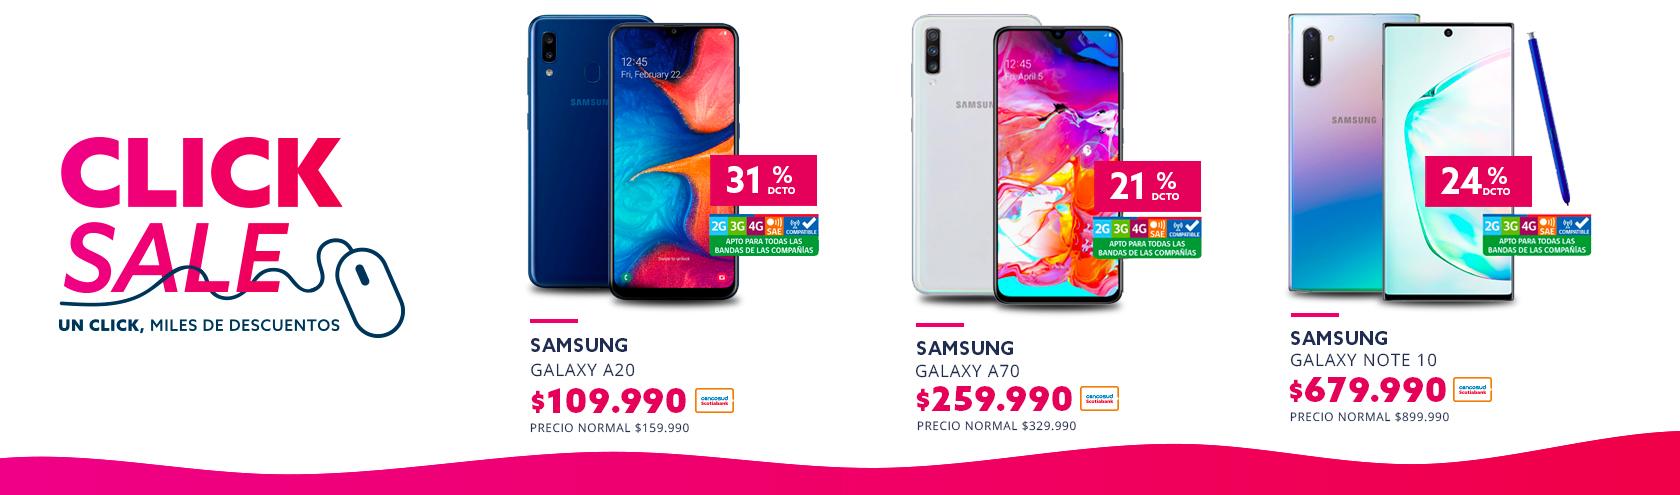 Encuentra los mejores descuentos de Smartphone Galaxy A20 Samsung en Click Sale paris.cl